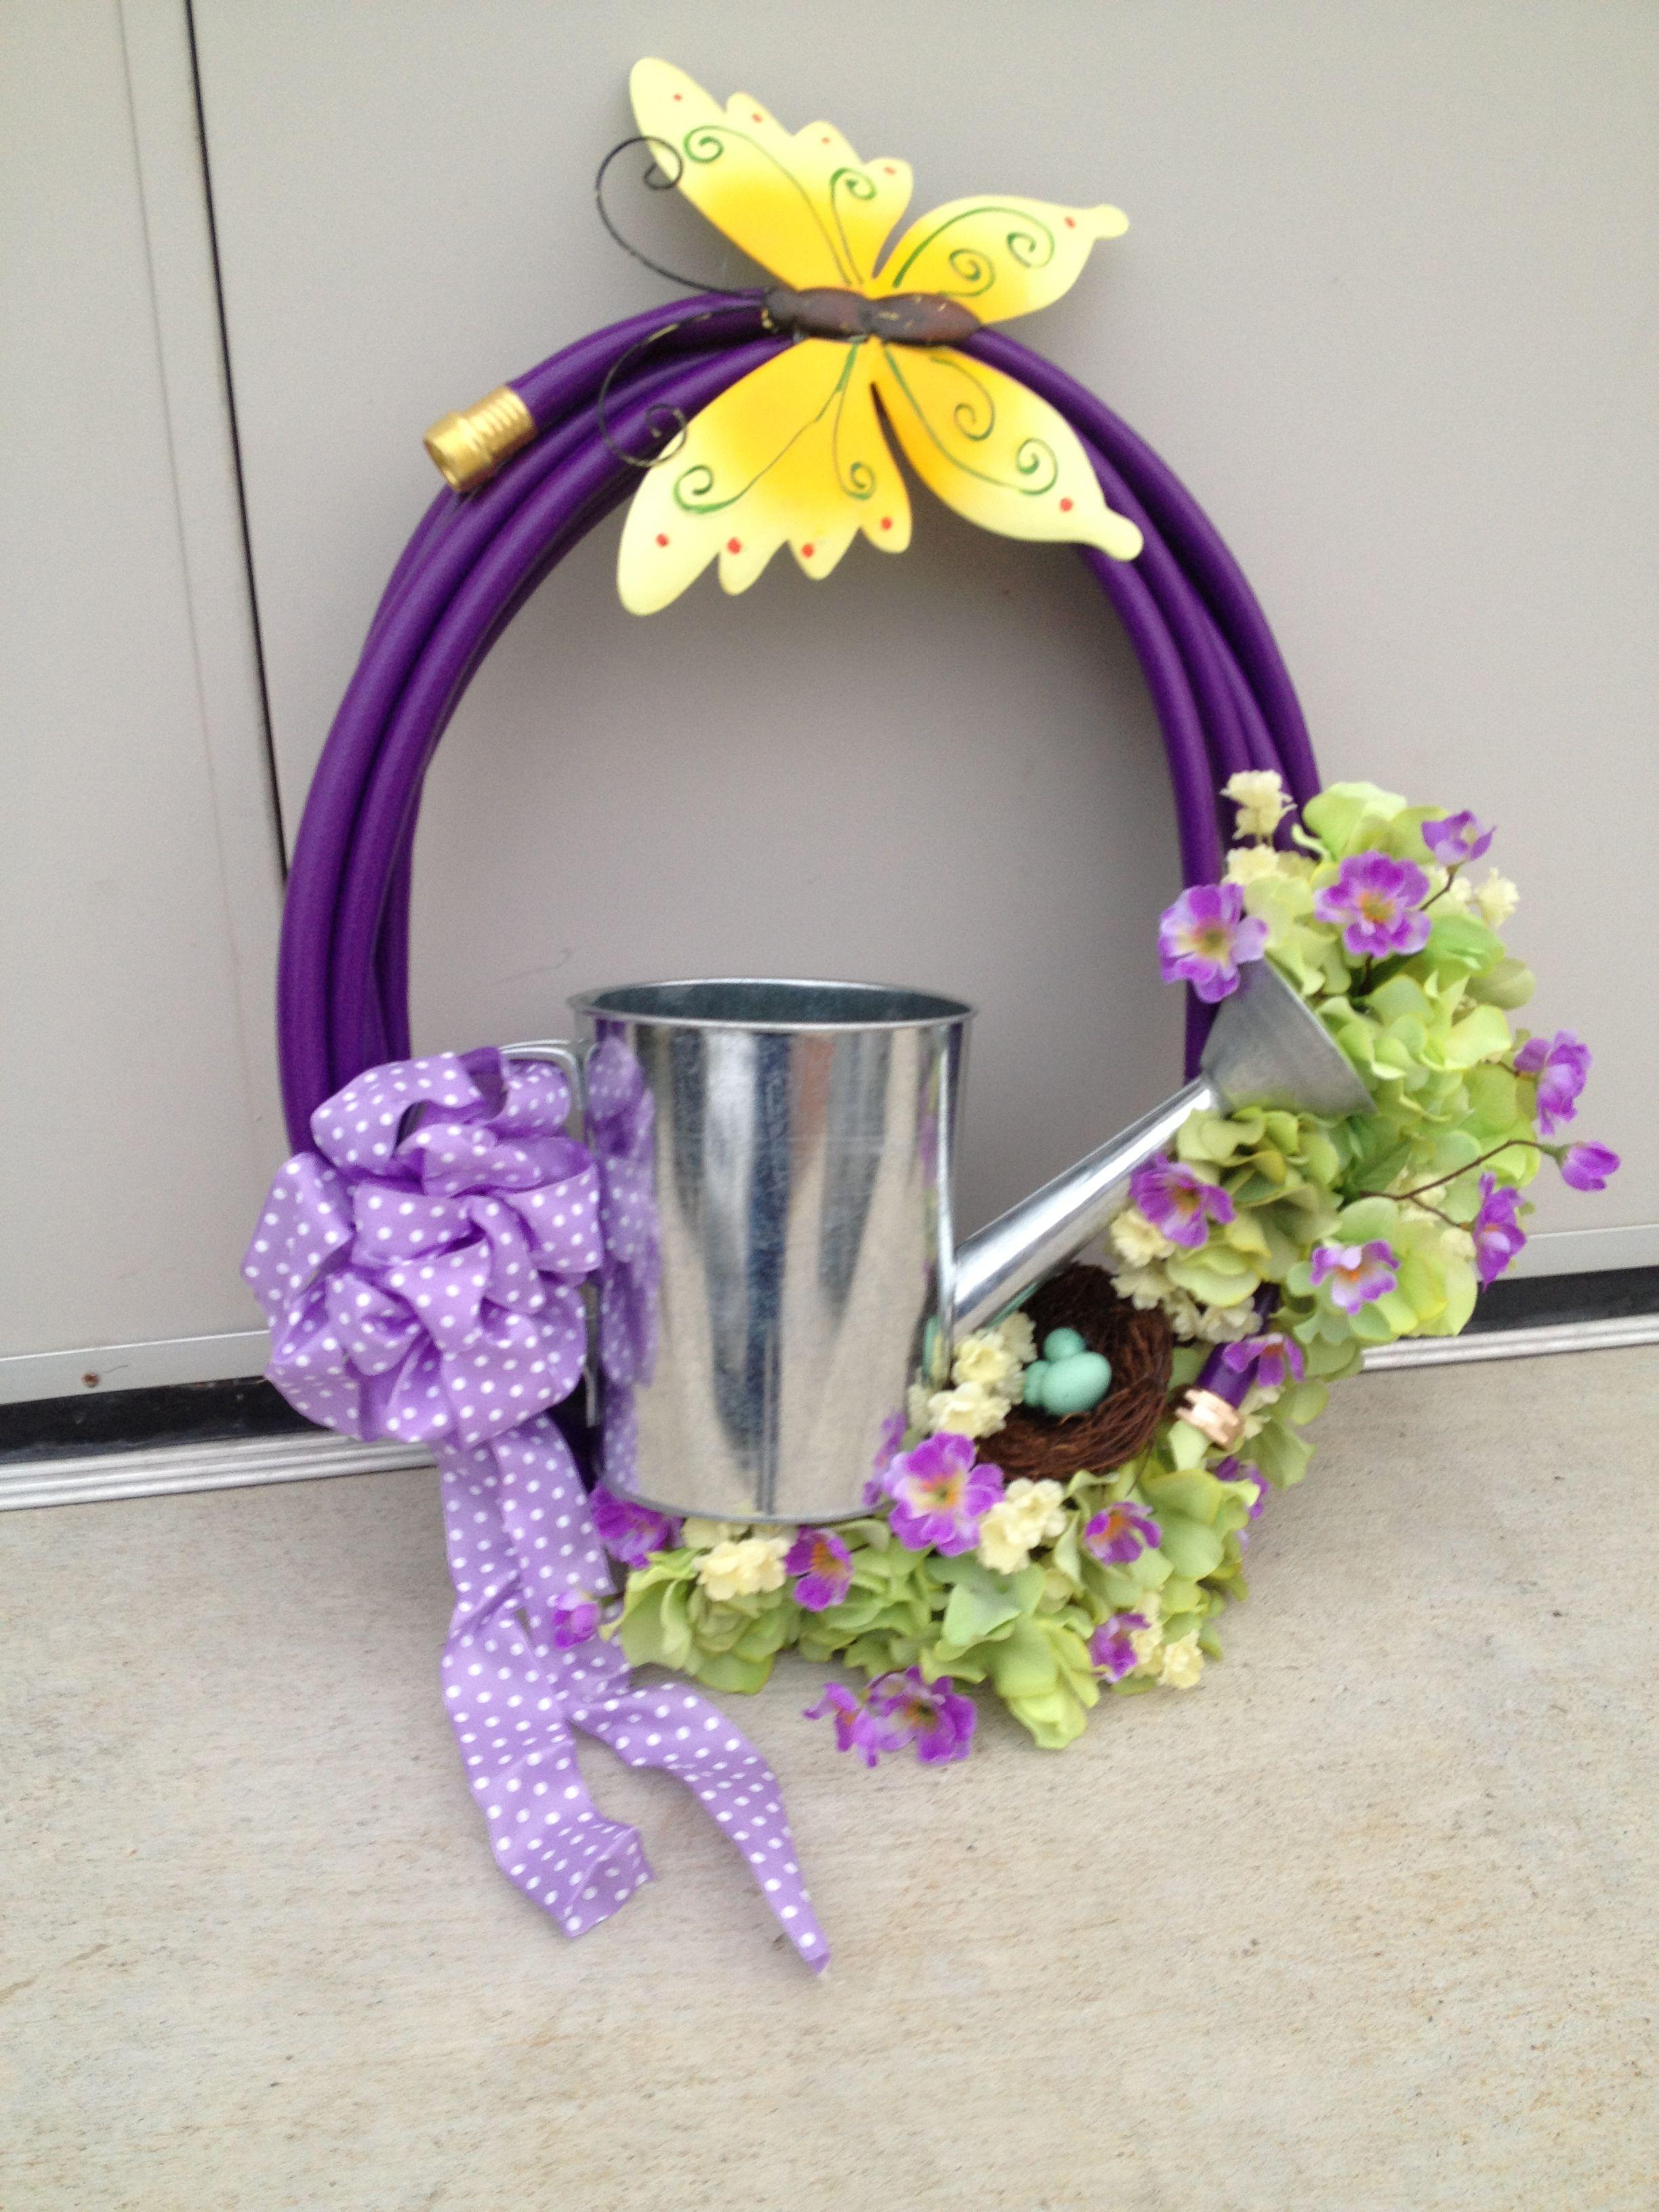 Garden hose wreath I made